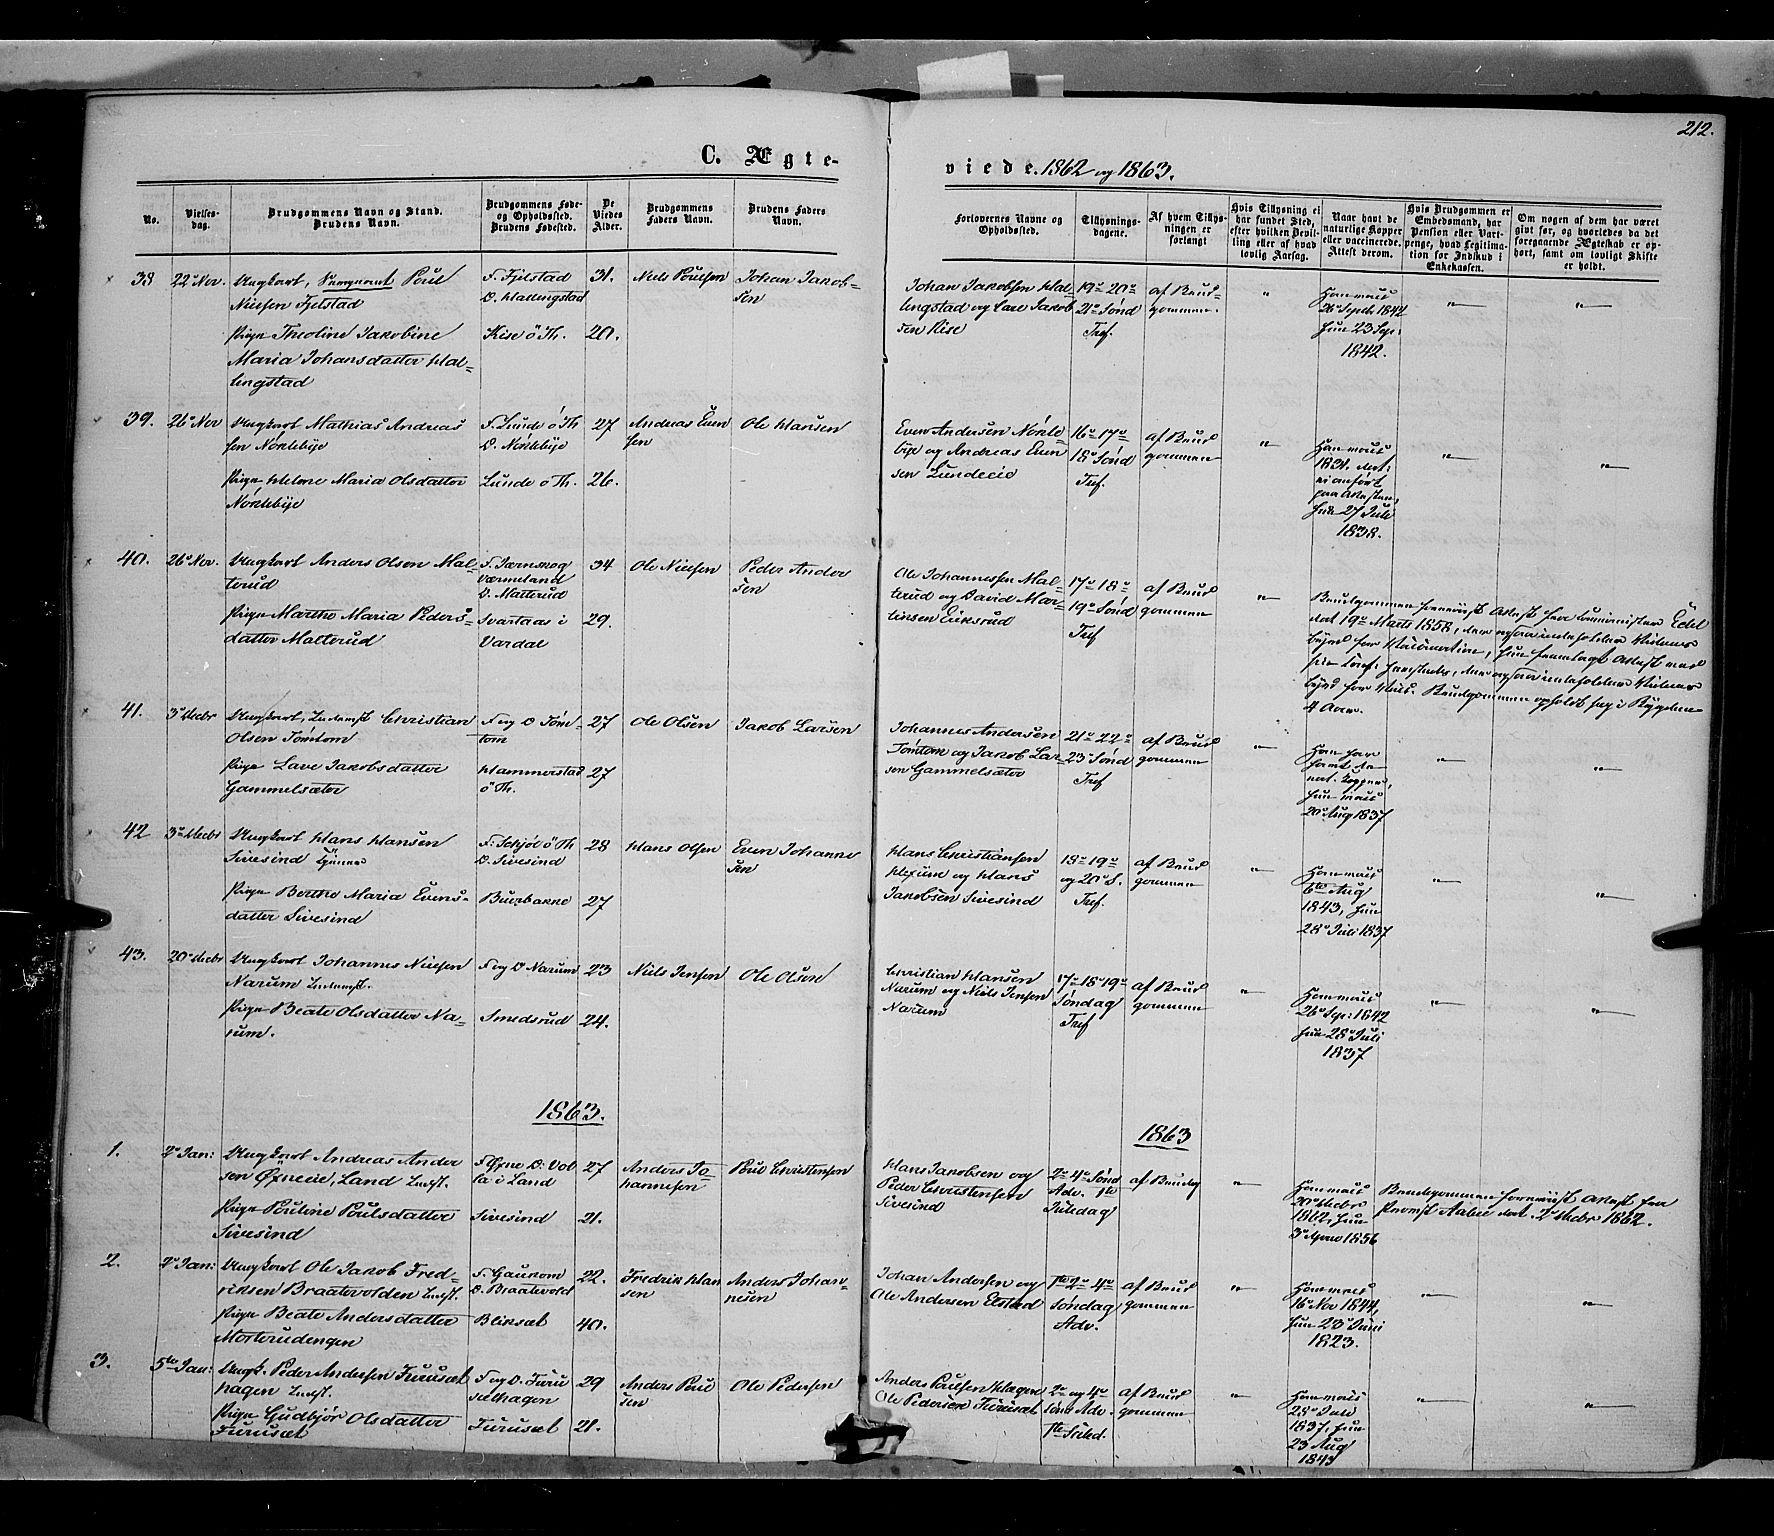 SAH, Vestre Toten prestekontor, Ministerialbok nr. 7, 1862-1869, s. 212